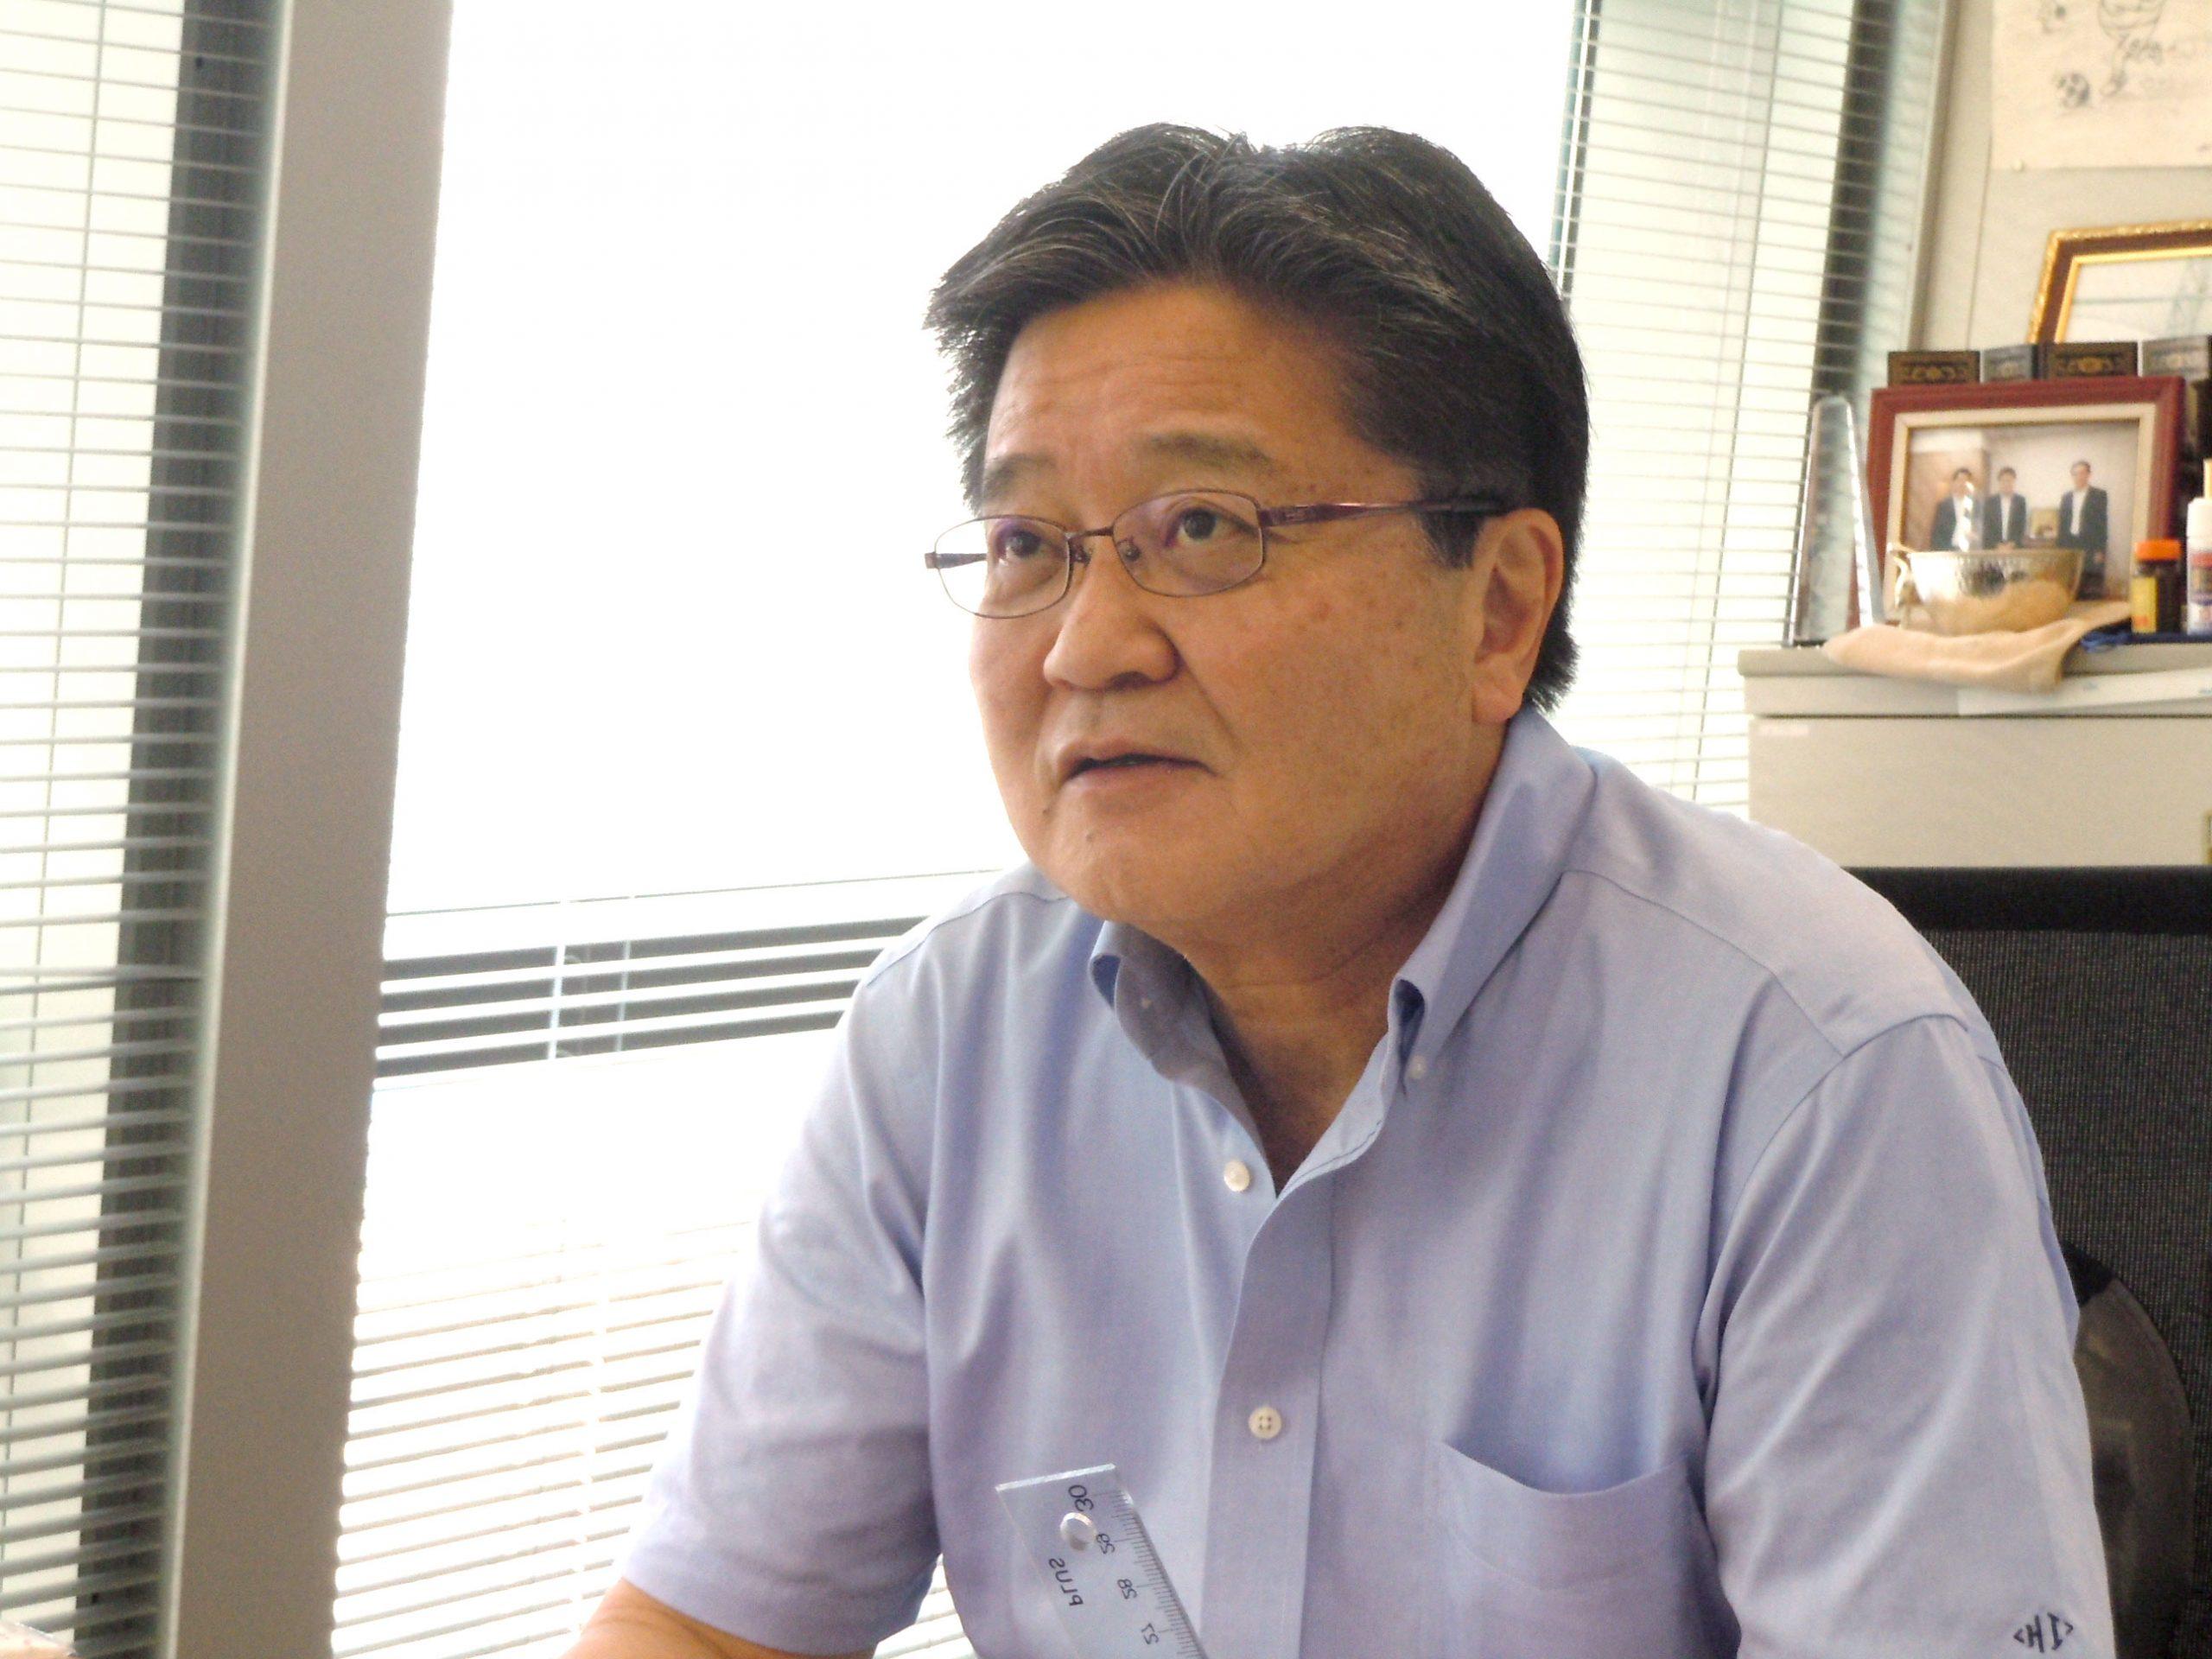 株式 会社 伊藤忠 丸紅 鉄鋼